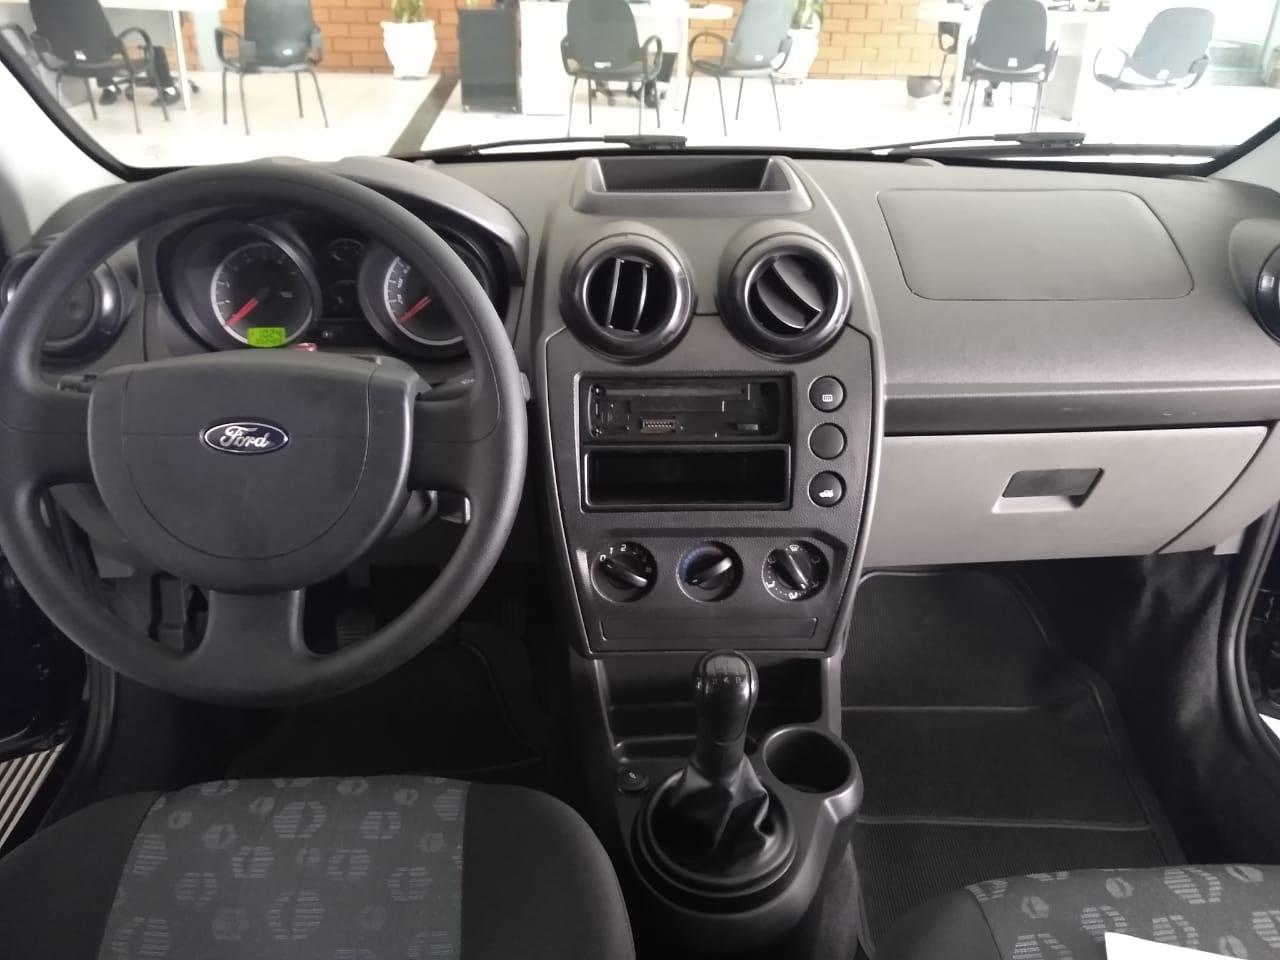 FORD FIESTA 1.0 Rocam Hatch 1.0 2014